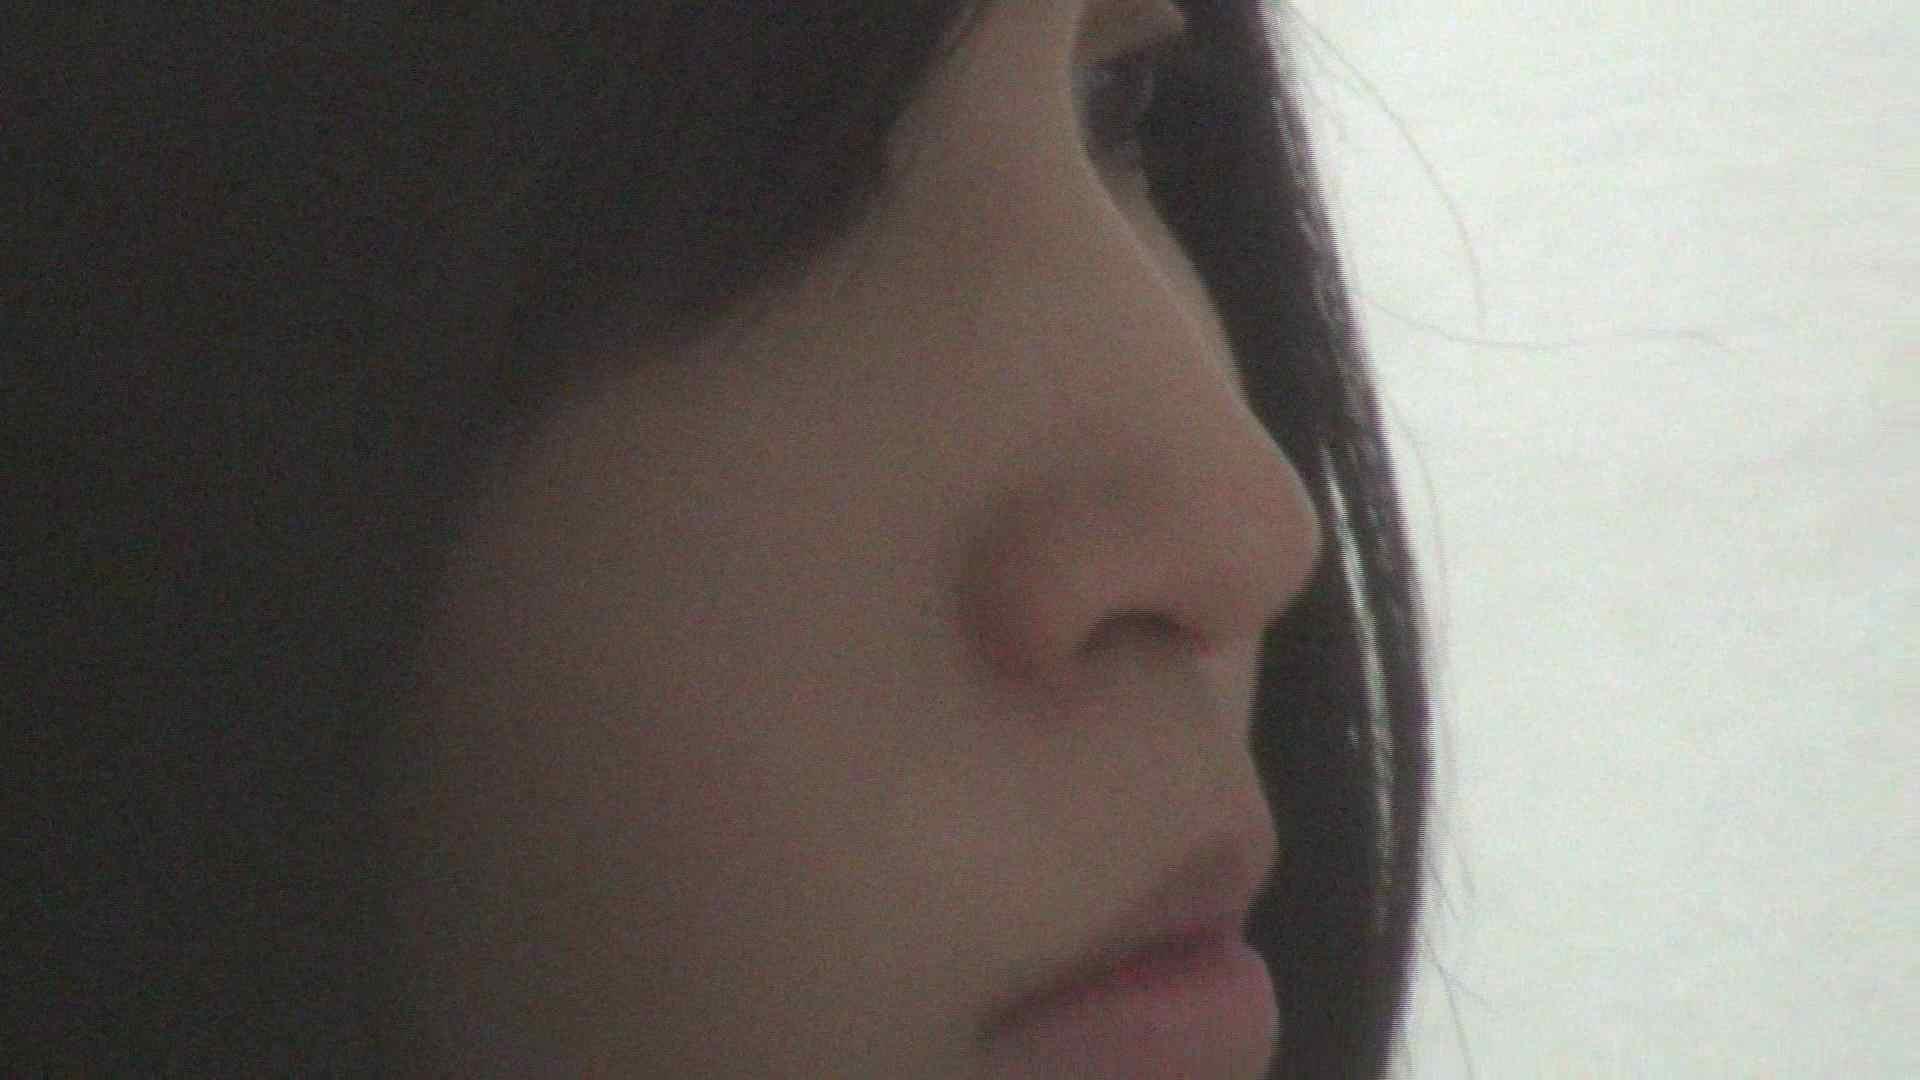 【05】仕事が忙しくて・・・久しぶりにベランダで待ち伏せ 覗き AV無料 59PIX 51